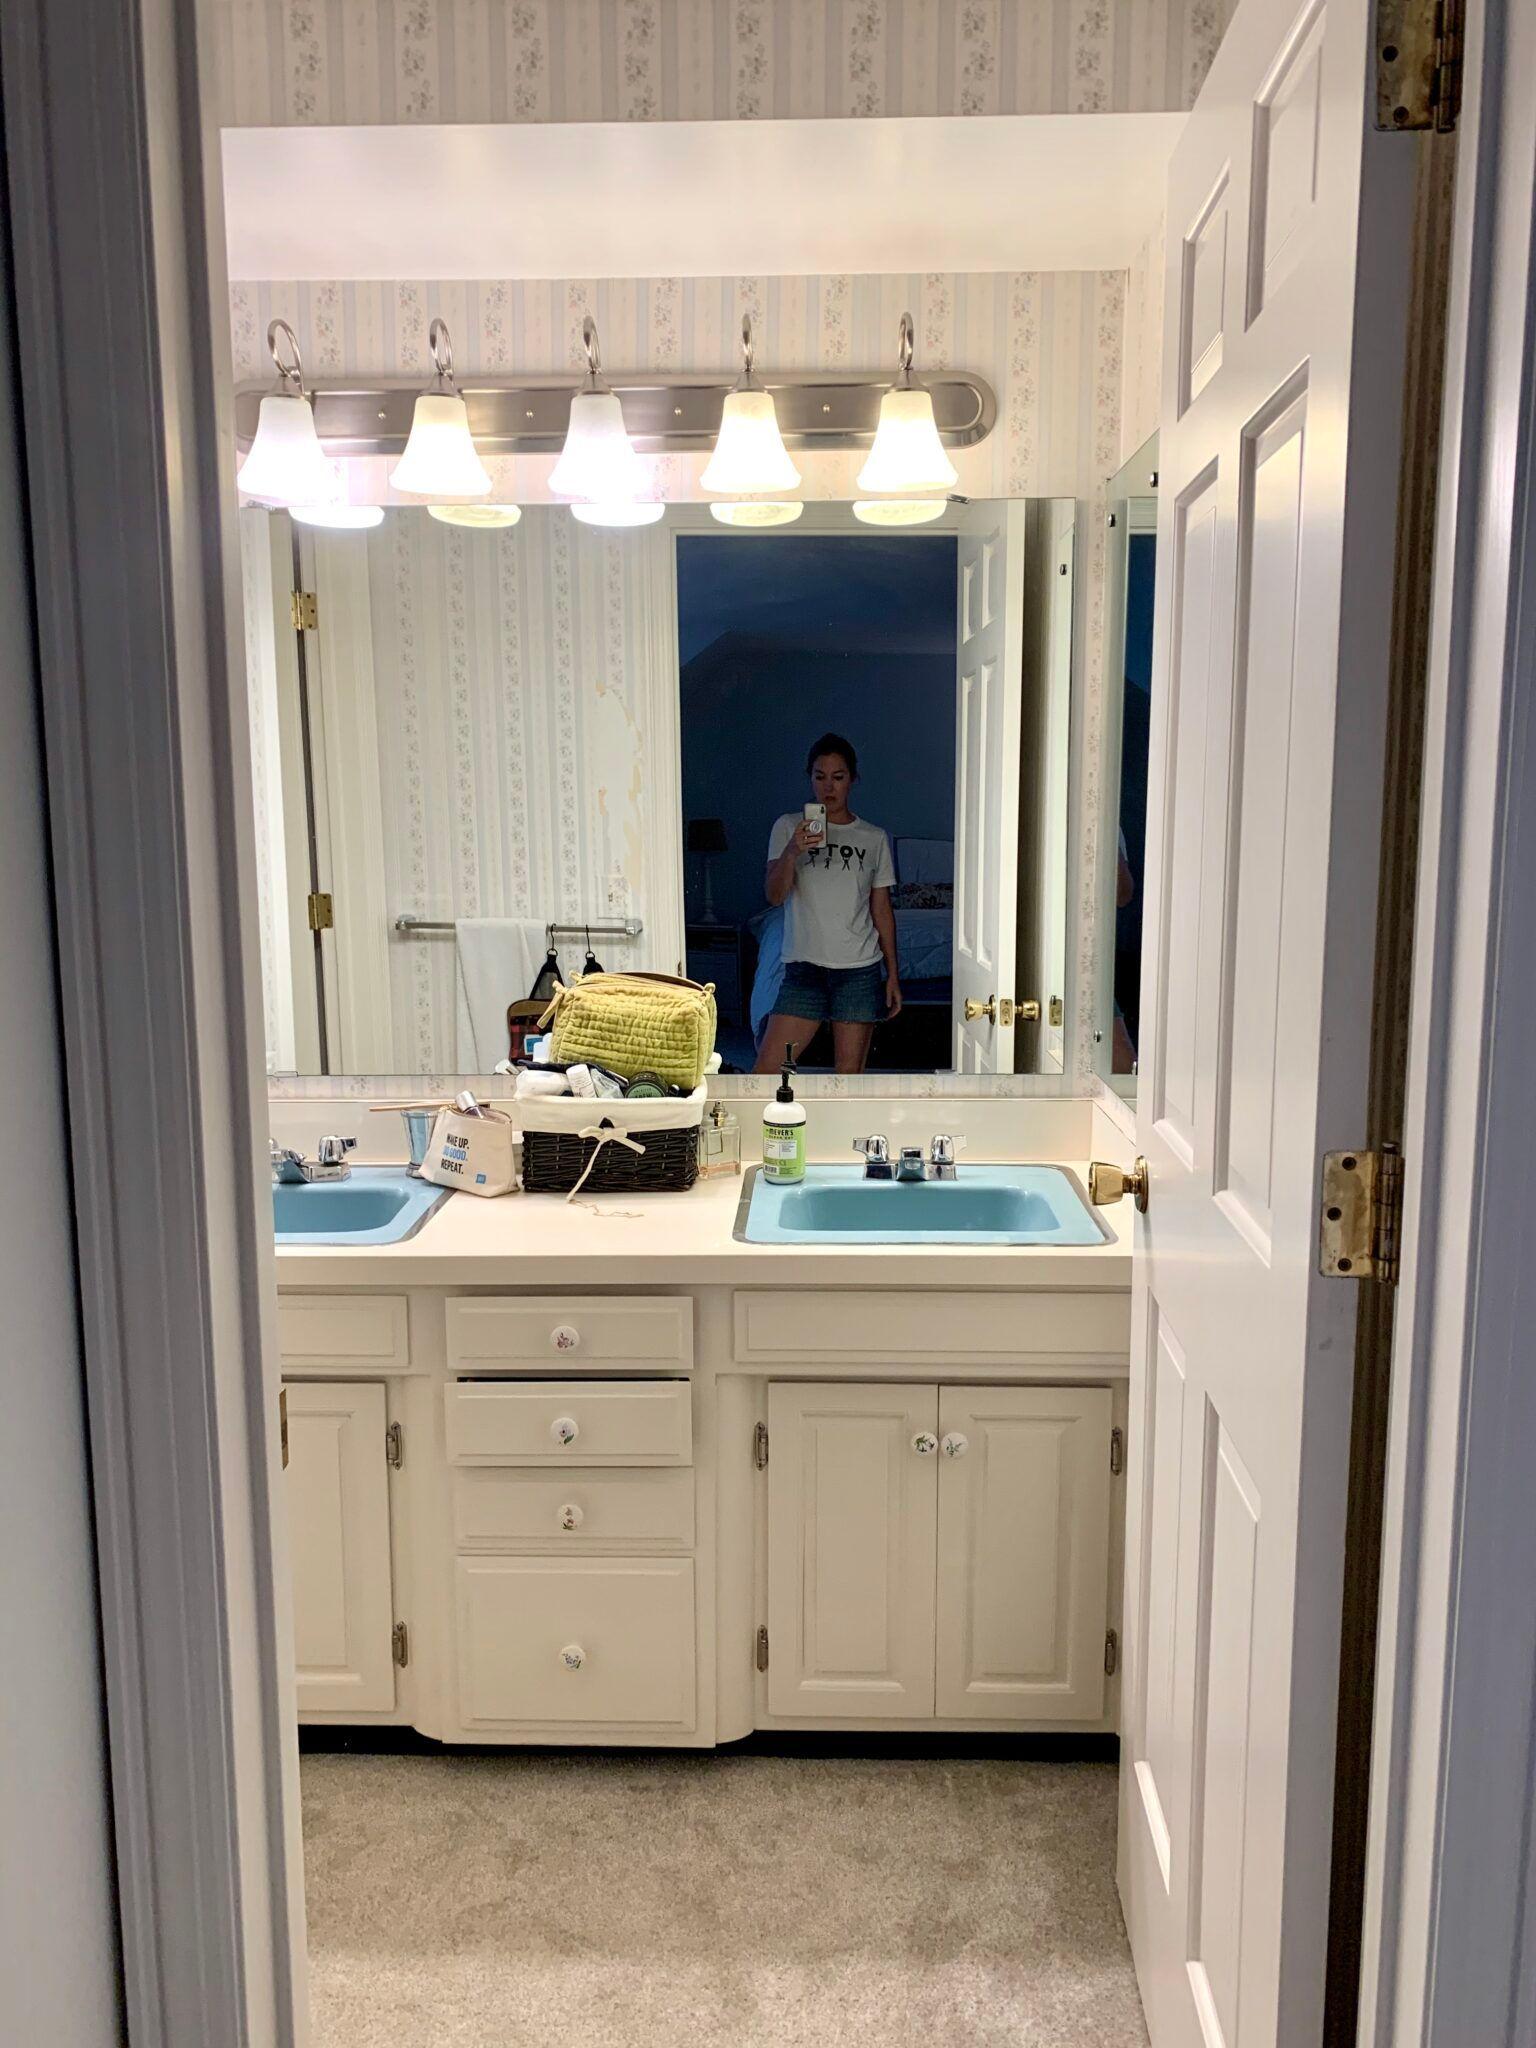 Plans For Updating Our Retro Master Bathroom Building Bluebird In 2020 Retro Bathrooms Bathroom Design Vintage Bathrooms